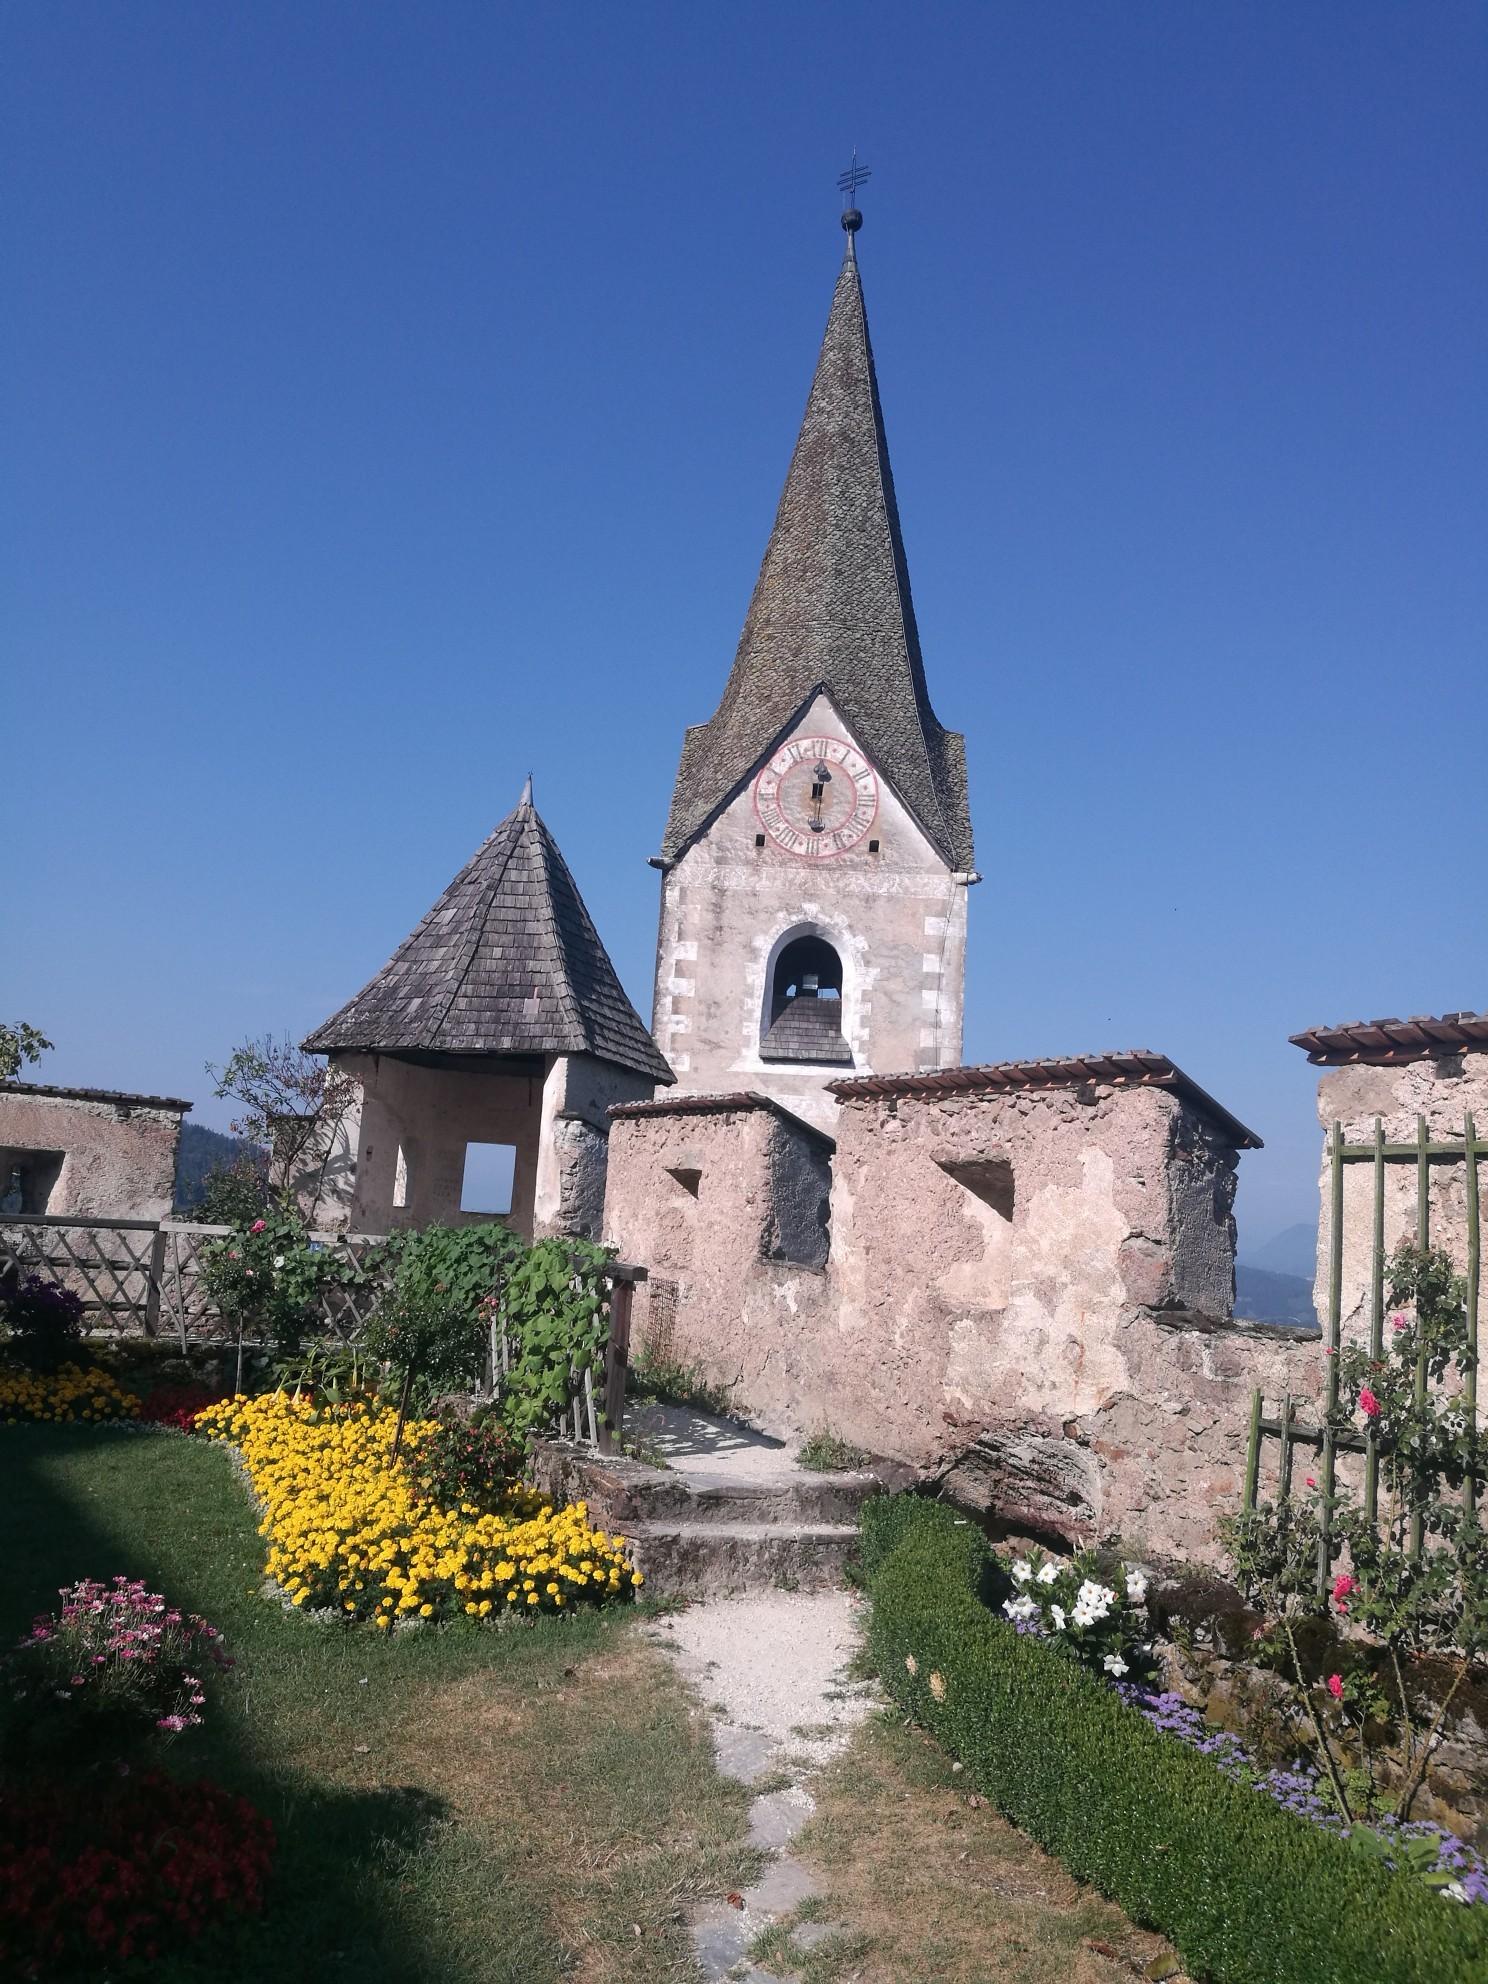 乡村游(二)西欧 4. 霍赫奥斯塔维兹城堡